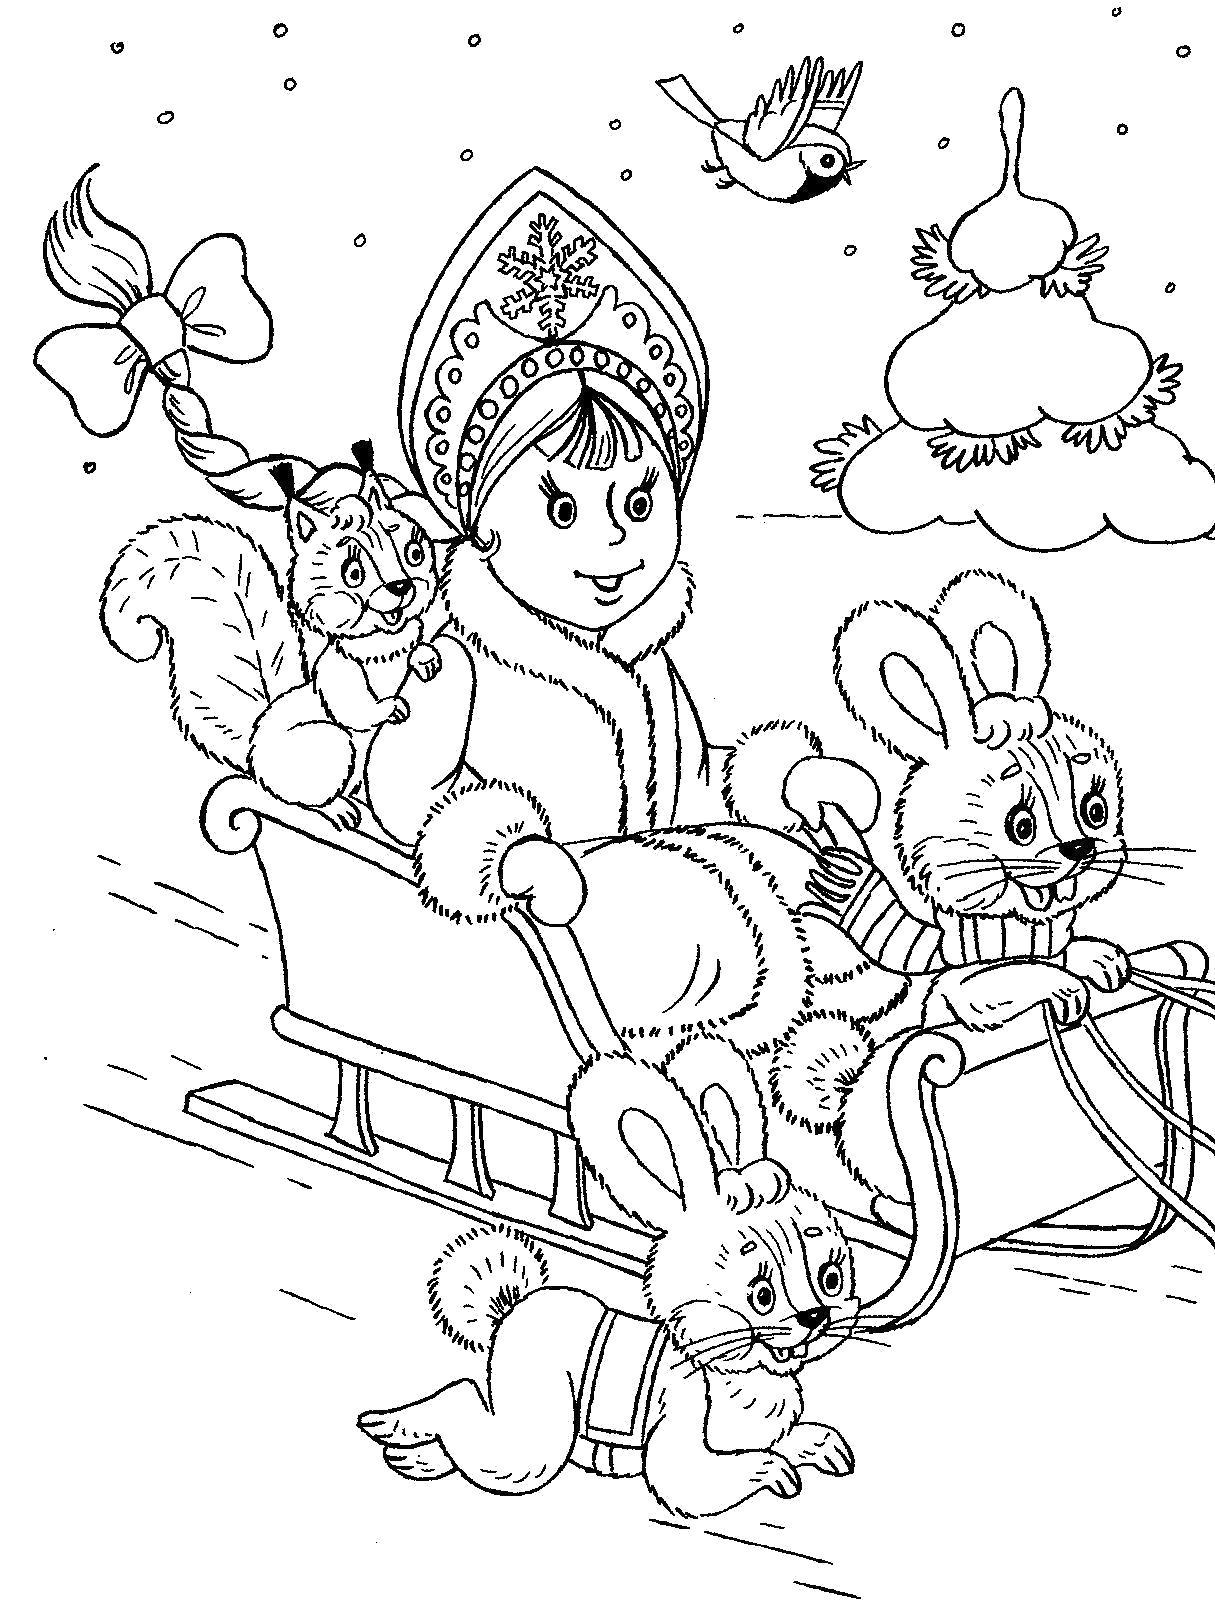 Раскраска Рисунки для витражных красок, новый год, снегурочка, белочка, зайцы . Скачать снегурочка.  Распечатать Снегурочка